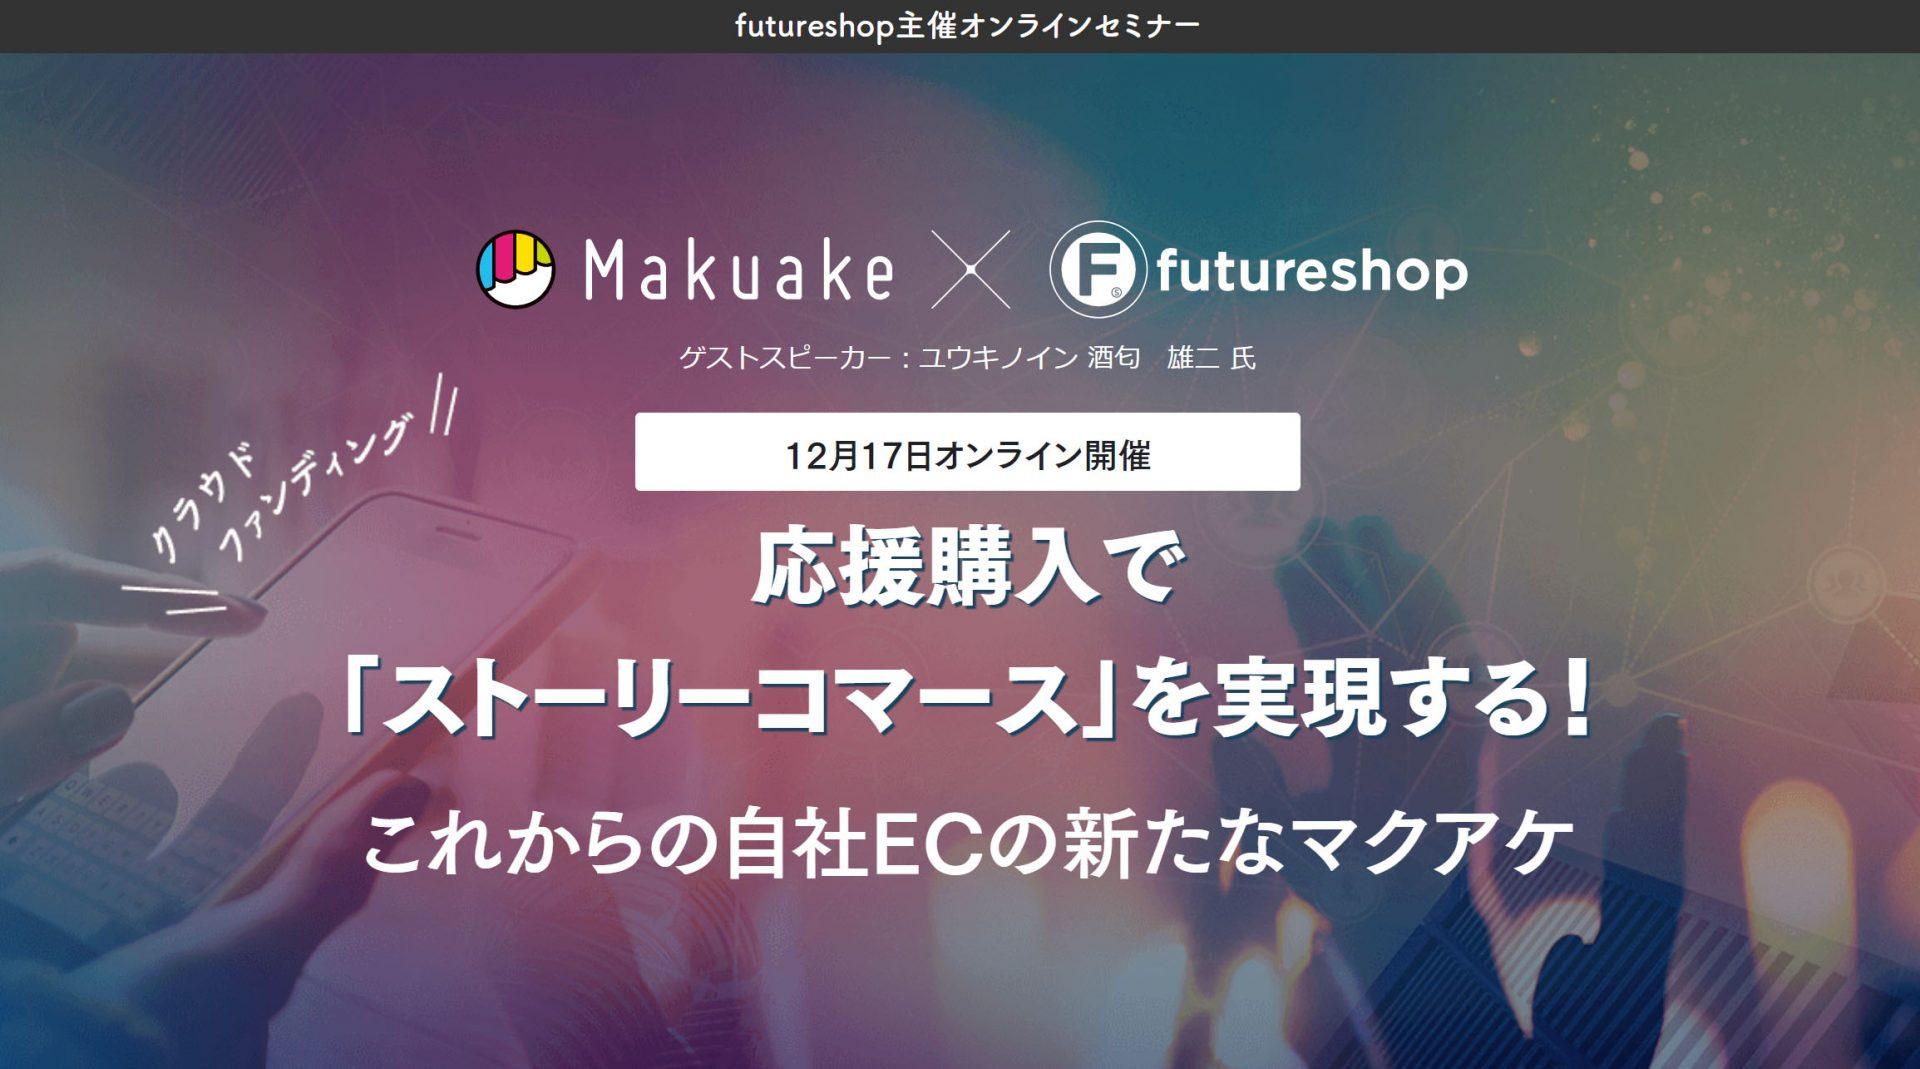 大阪でクラウドファンディングのコンサルを行う酒匂雄二がセミナーに登壇します。